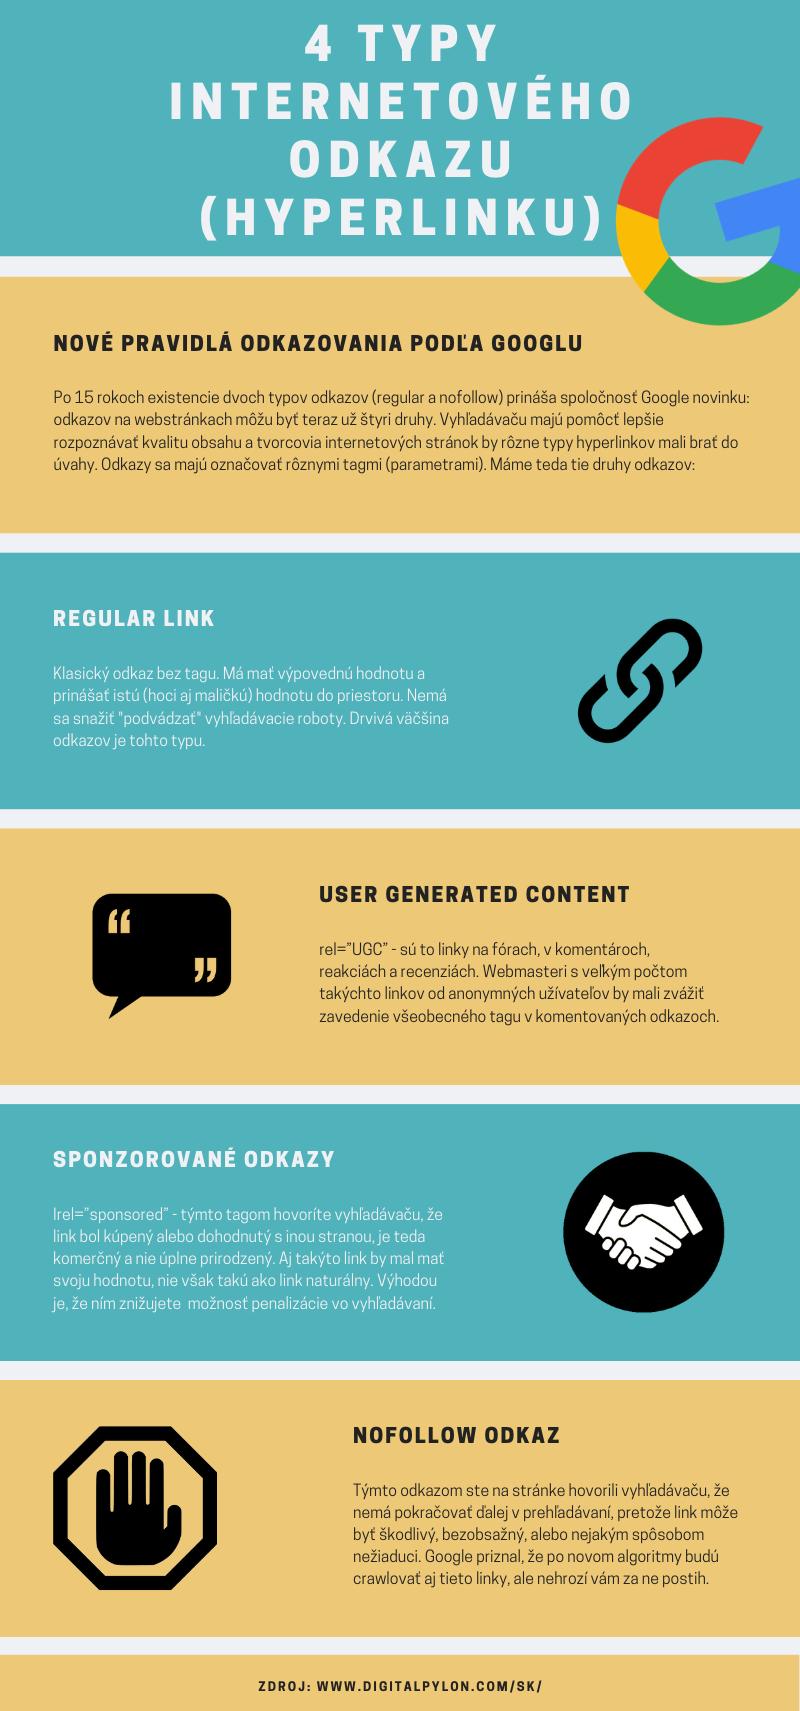 4 typy linkov